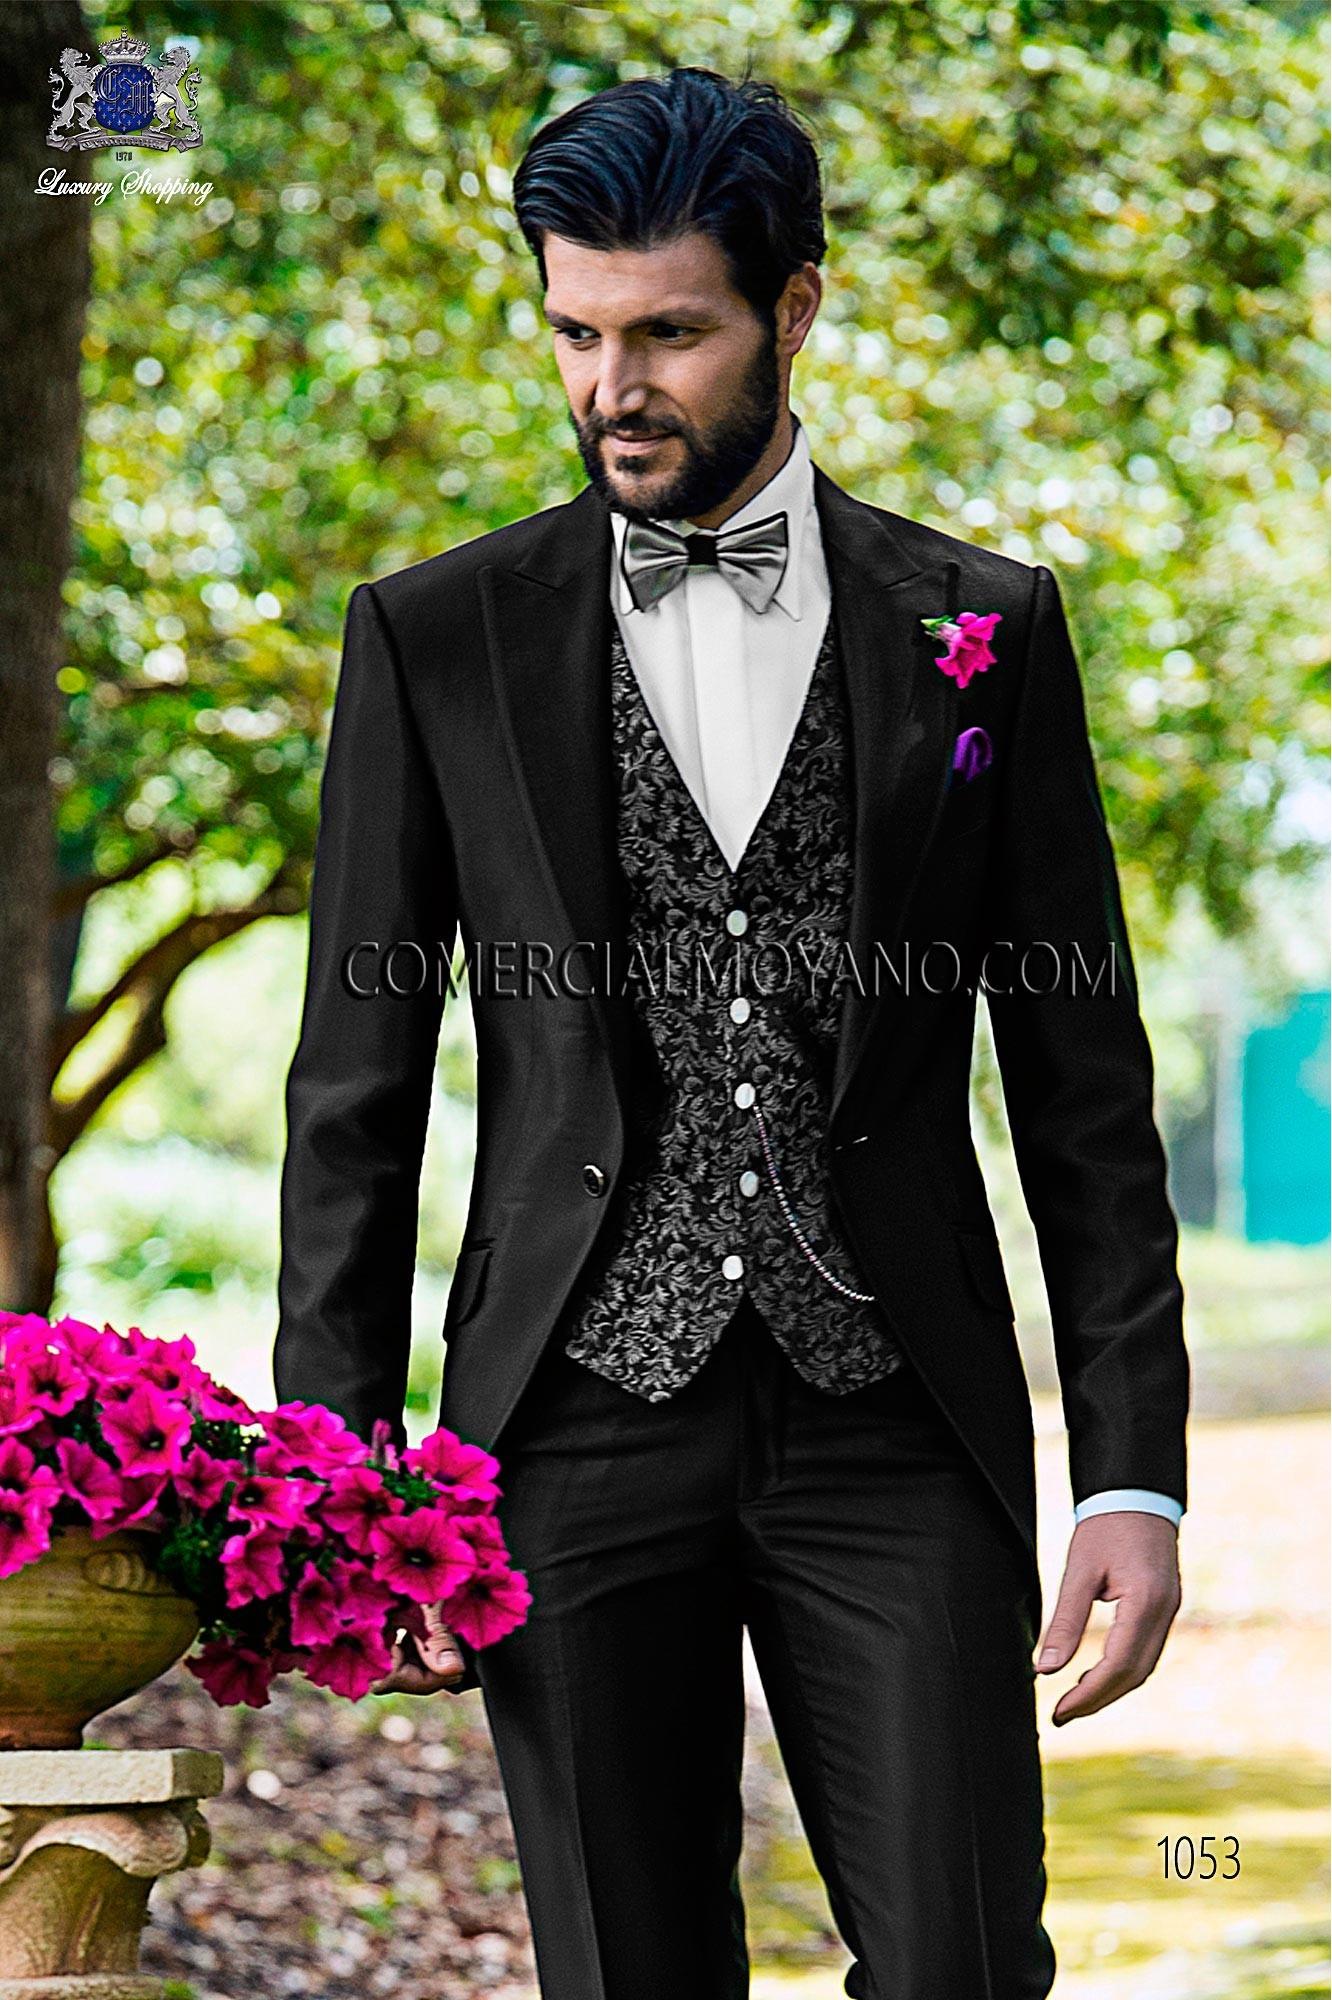 Traje Fashion de novio negro modelo: 1053 Ottavio Nuccio Gala colección Fashion